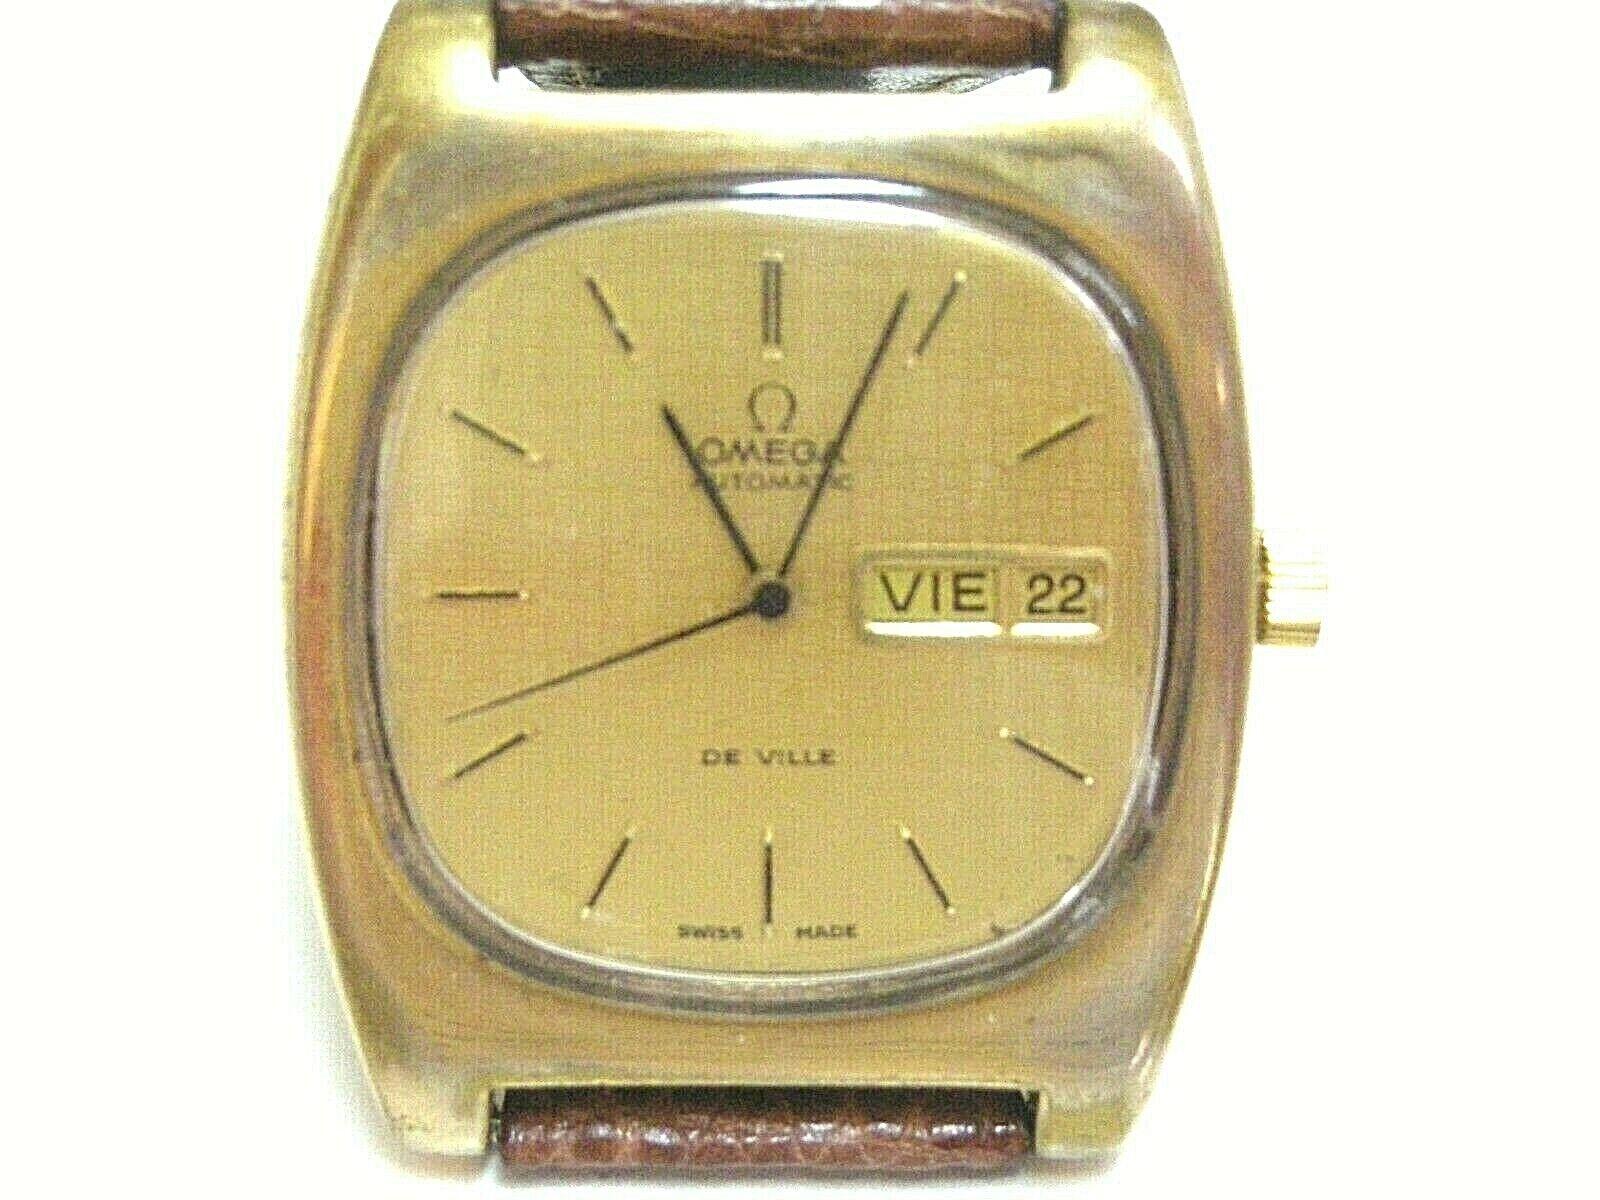 OMEGA-DE VILLE AUTOMATIC CAL.1022 WATCH, GENTS, VTG 1973 ST-ST G/P 18K, D-DAY